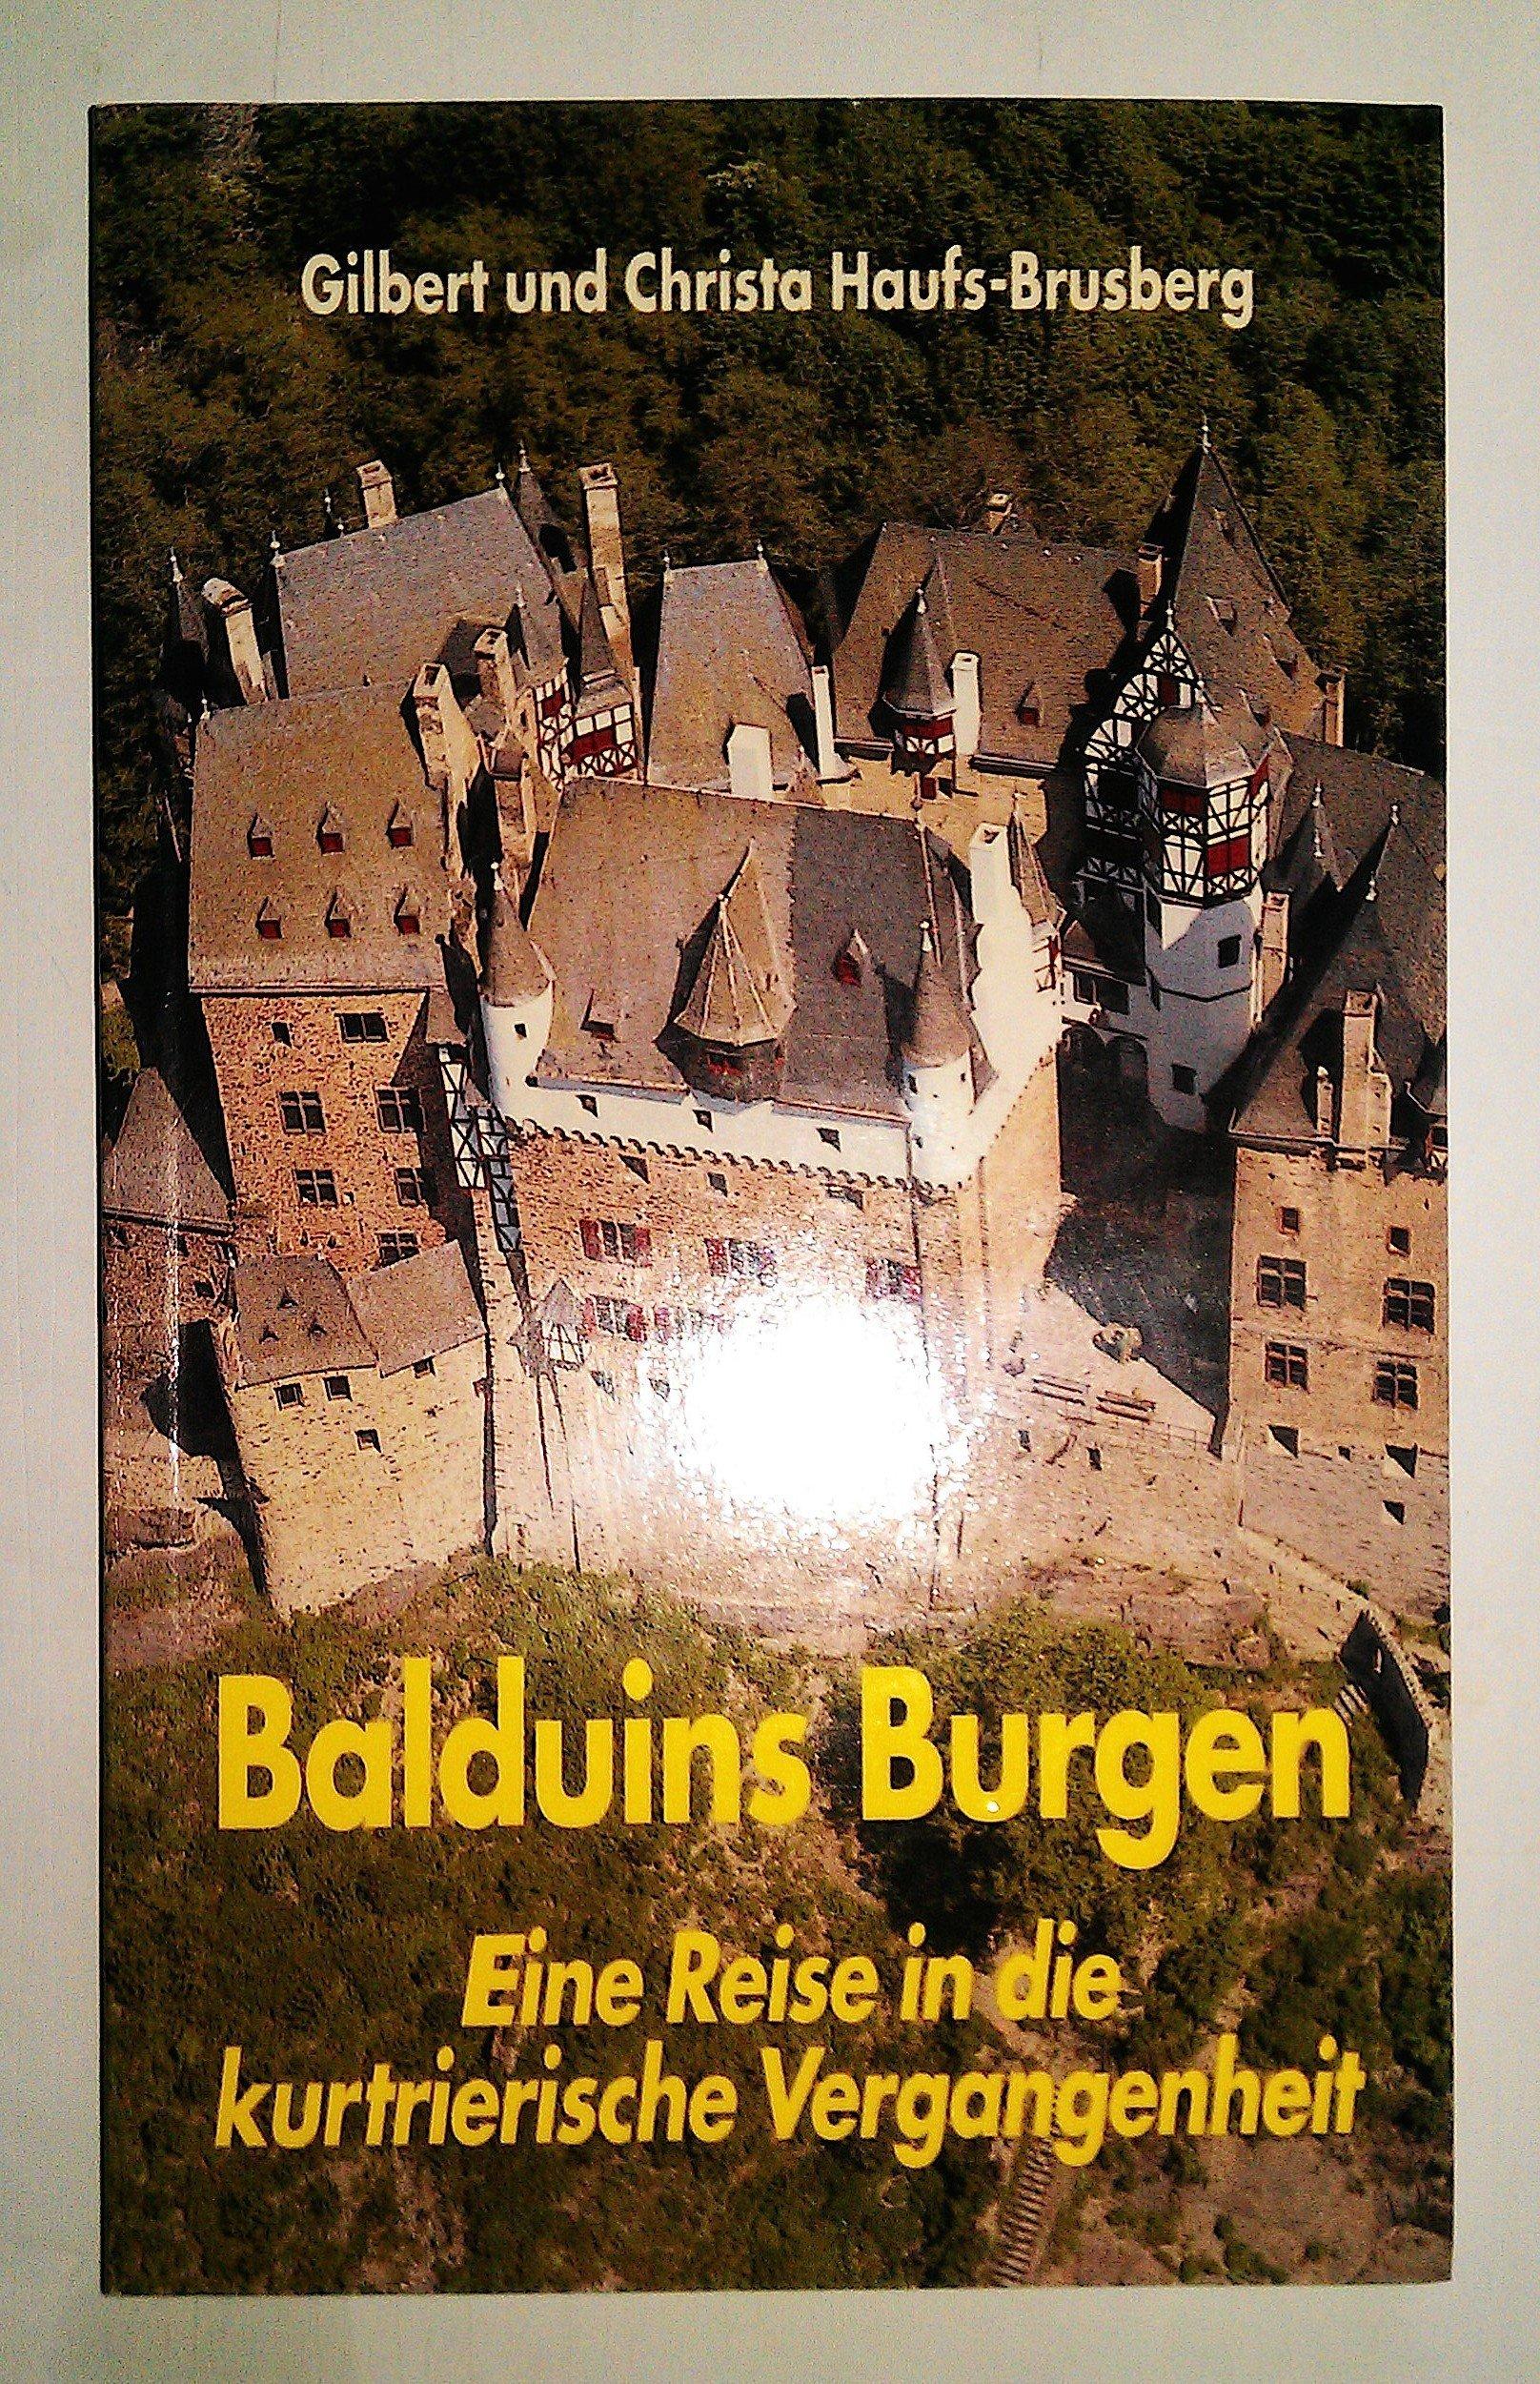 Balduins Burgen: Eine Reise in die kurtrierische Vergangenheit